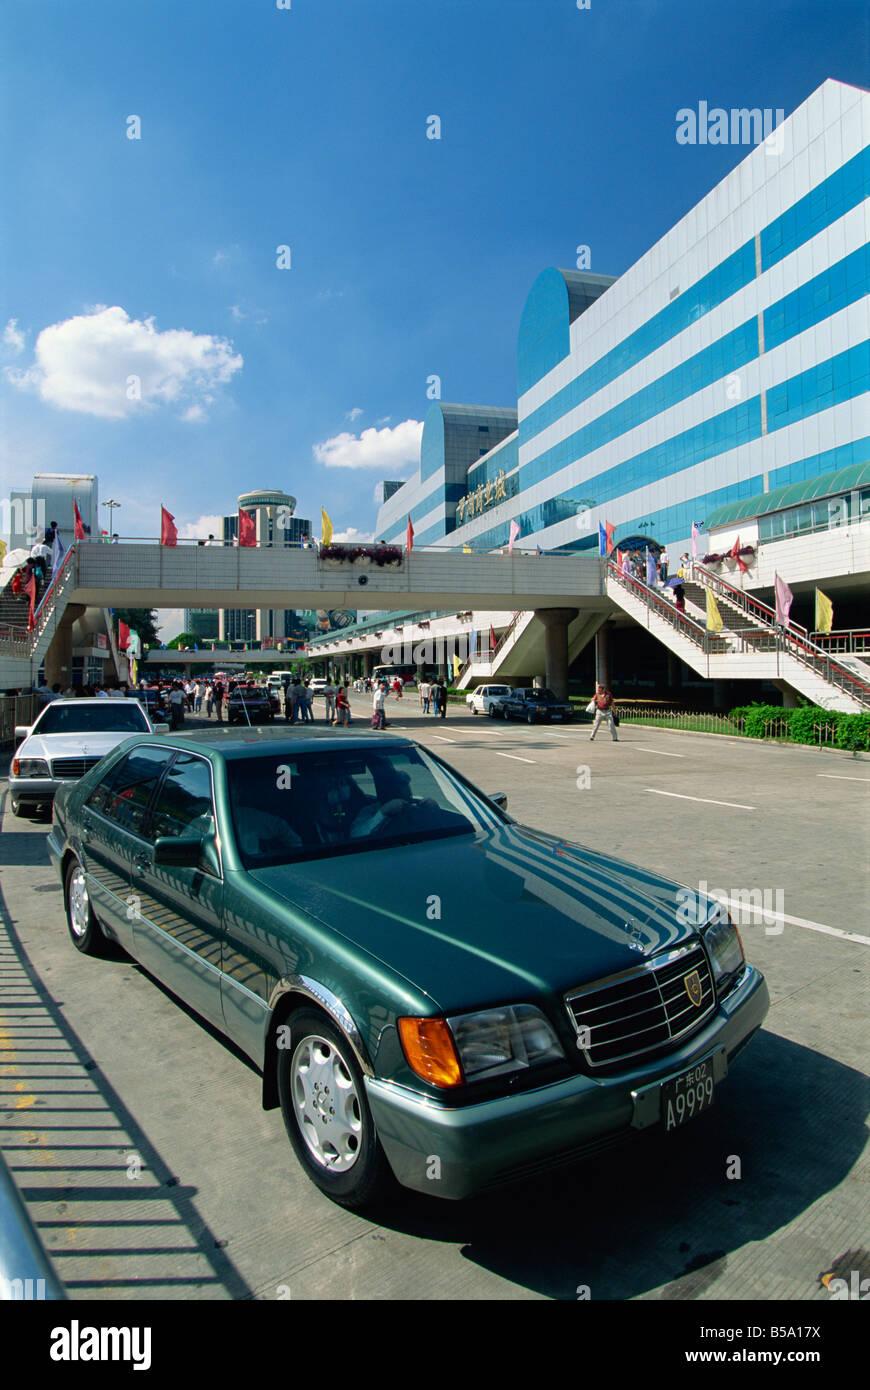 Mercedes car dans la ville de Shenzhen, la Zone économique spéciale de la ville de la flèche à Photo Stock